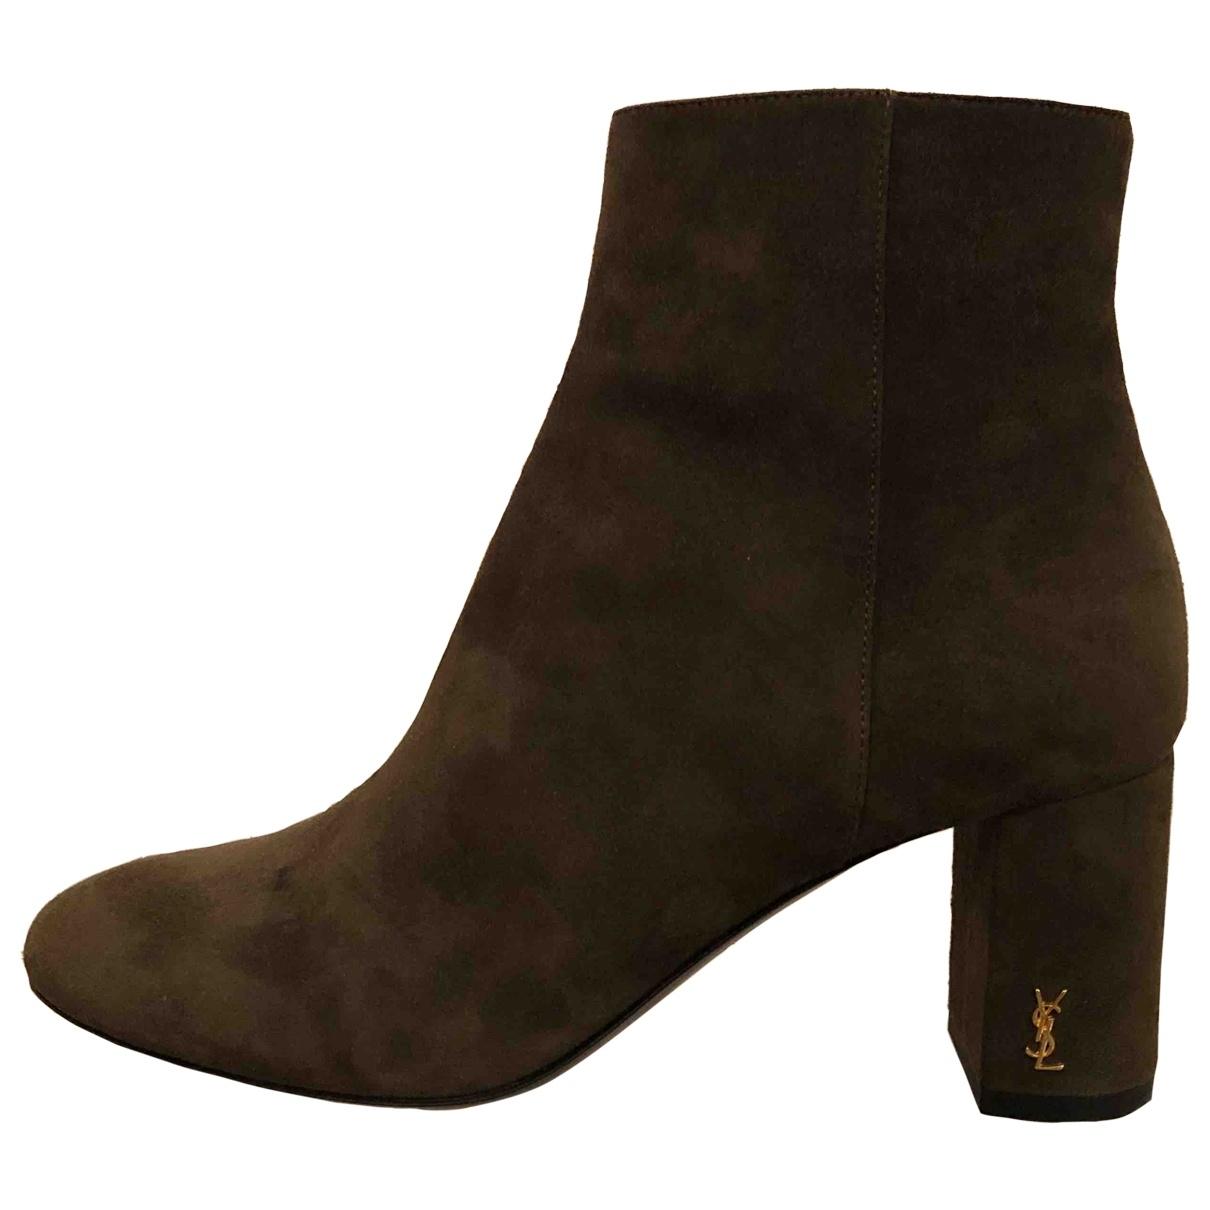 Saint Laurent Loulou Khaki Suede Ankle boots for Women 36 EU